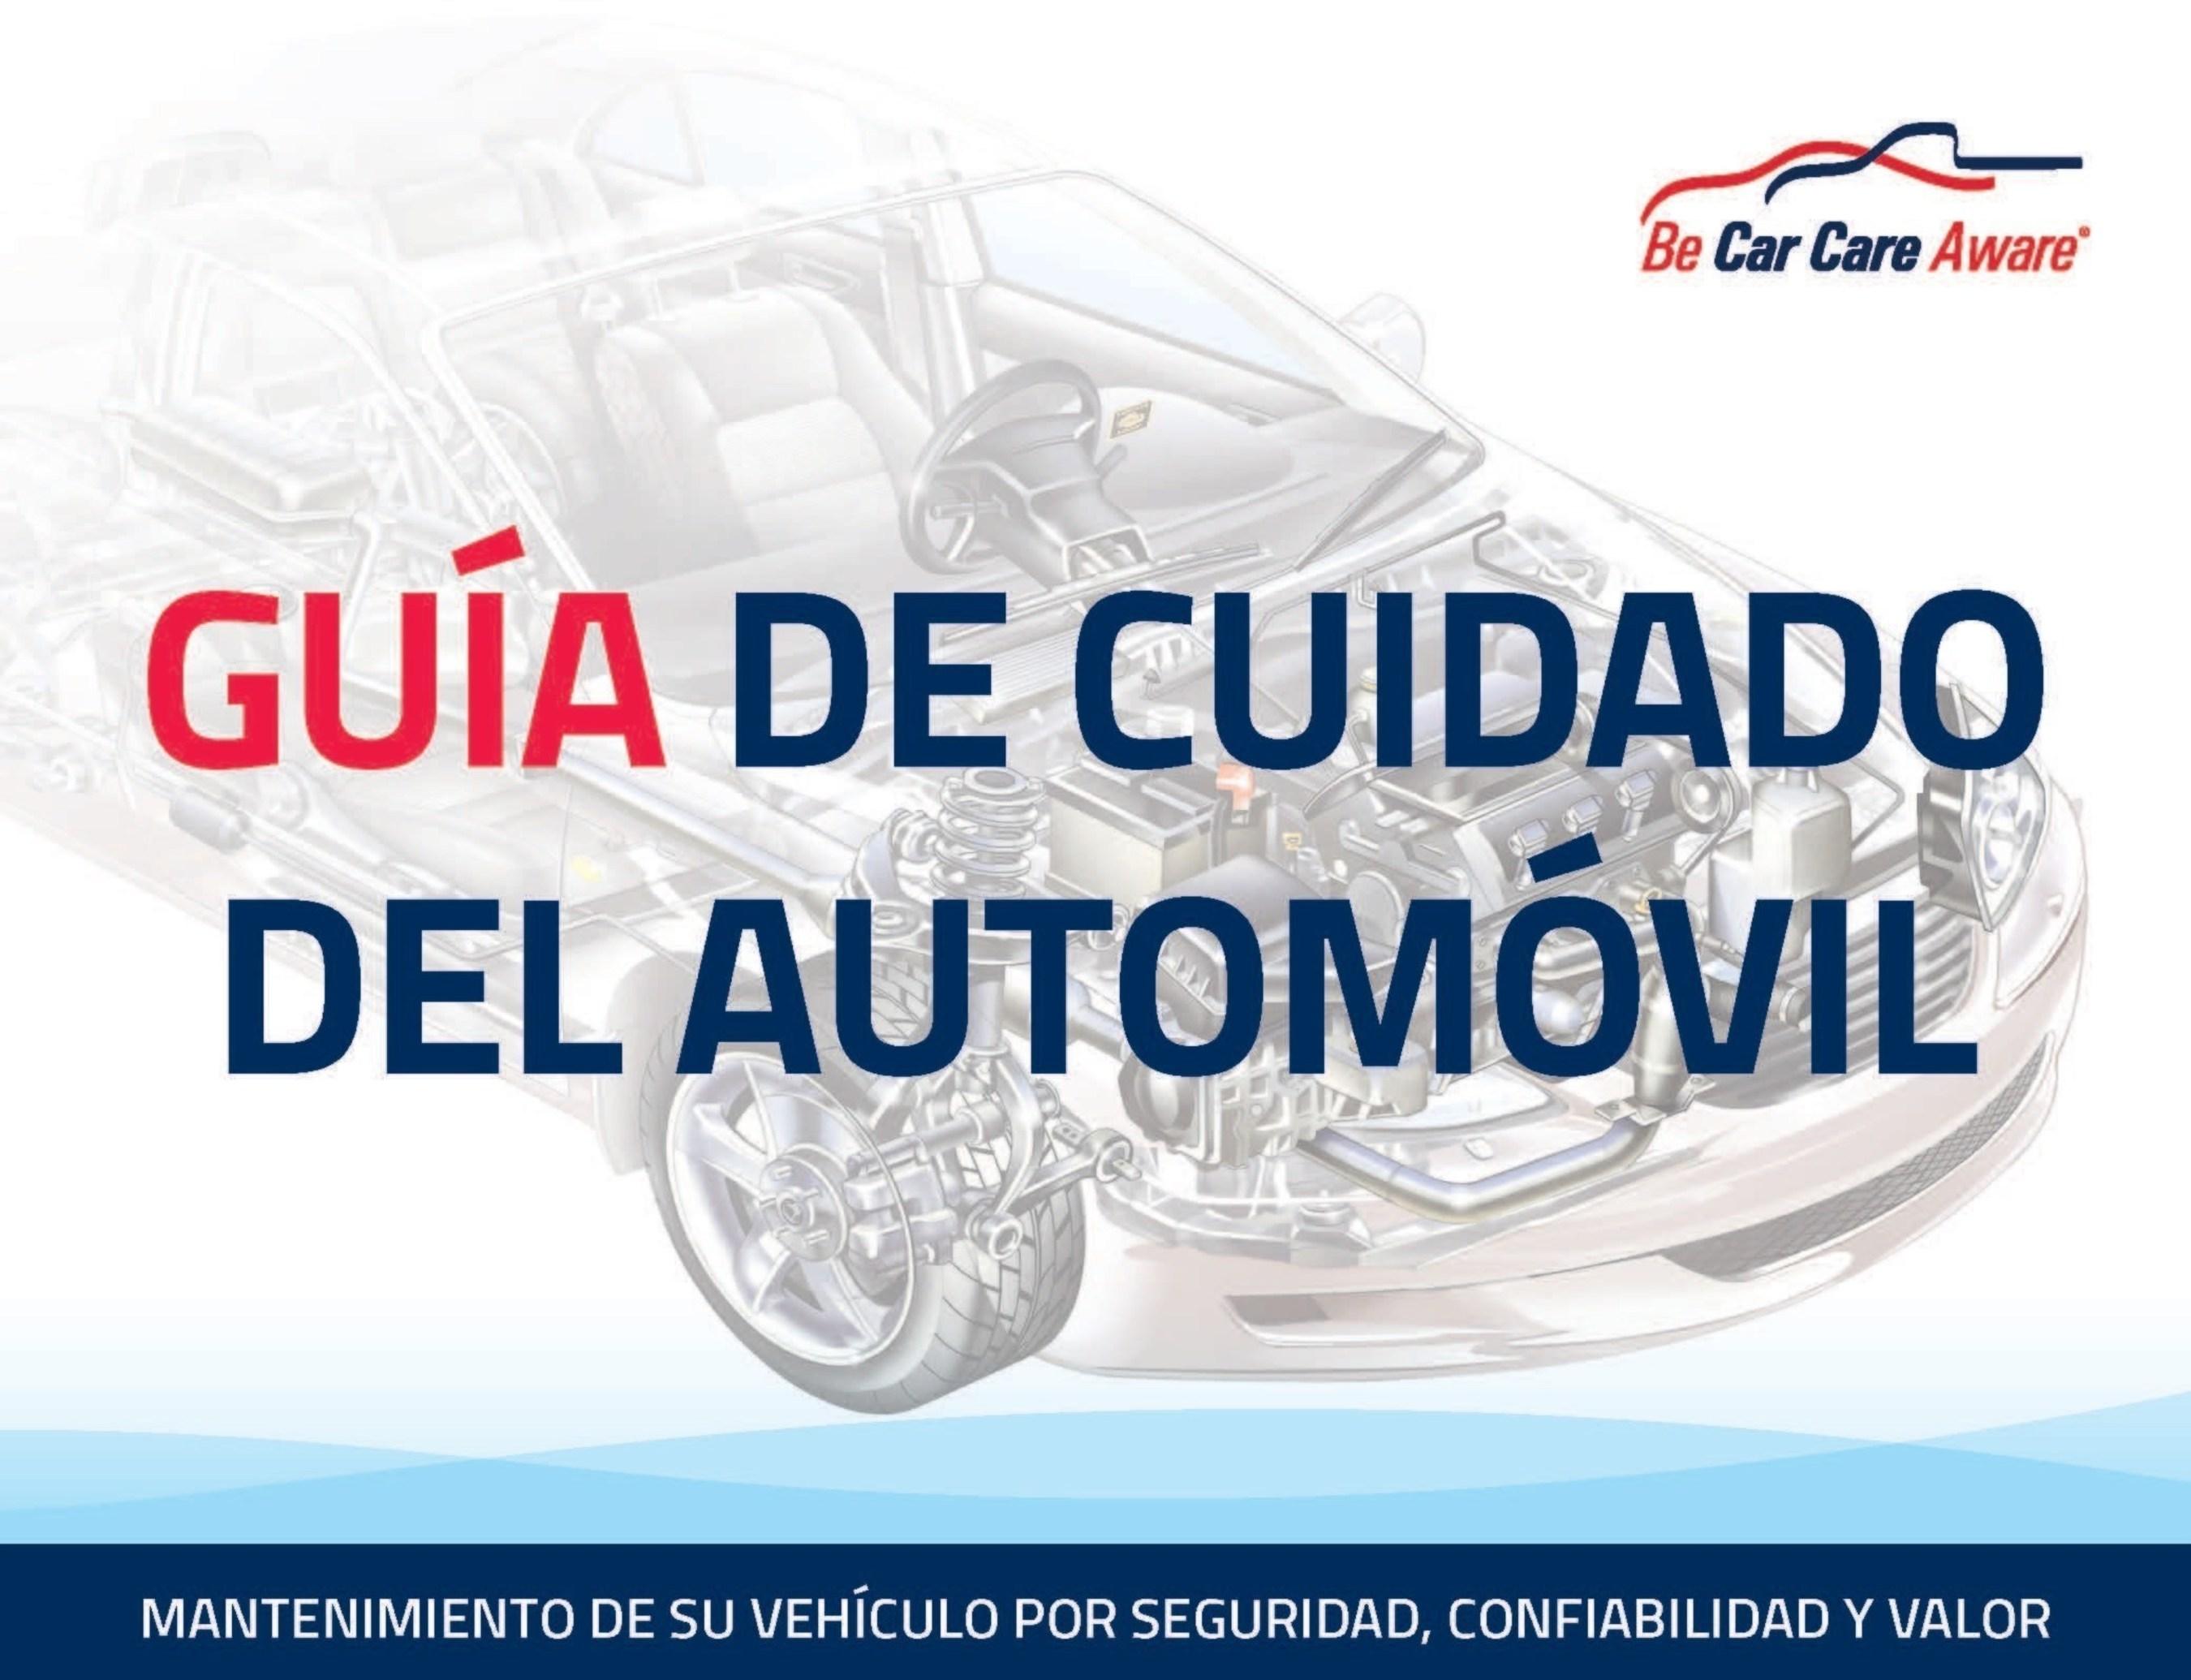 Guia de Cuidado del Auto gratis del Car Care Council en www.carcare.org